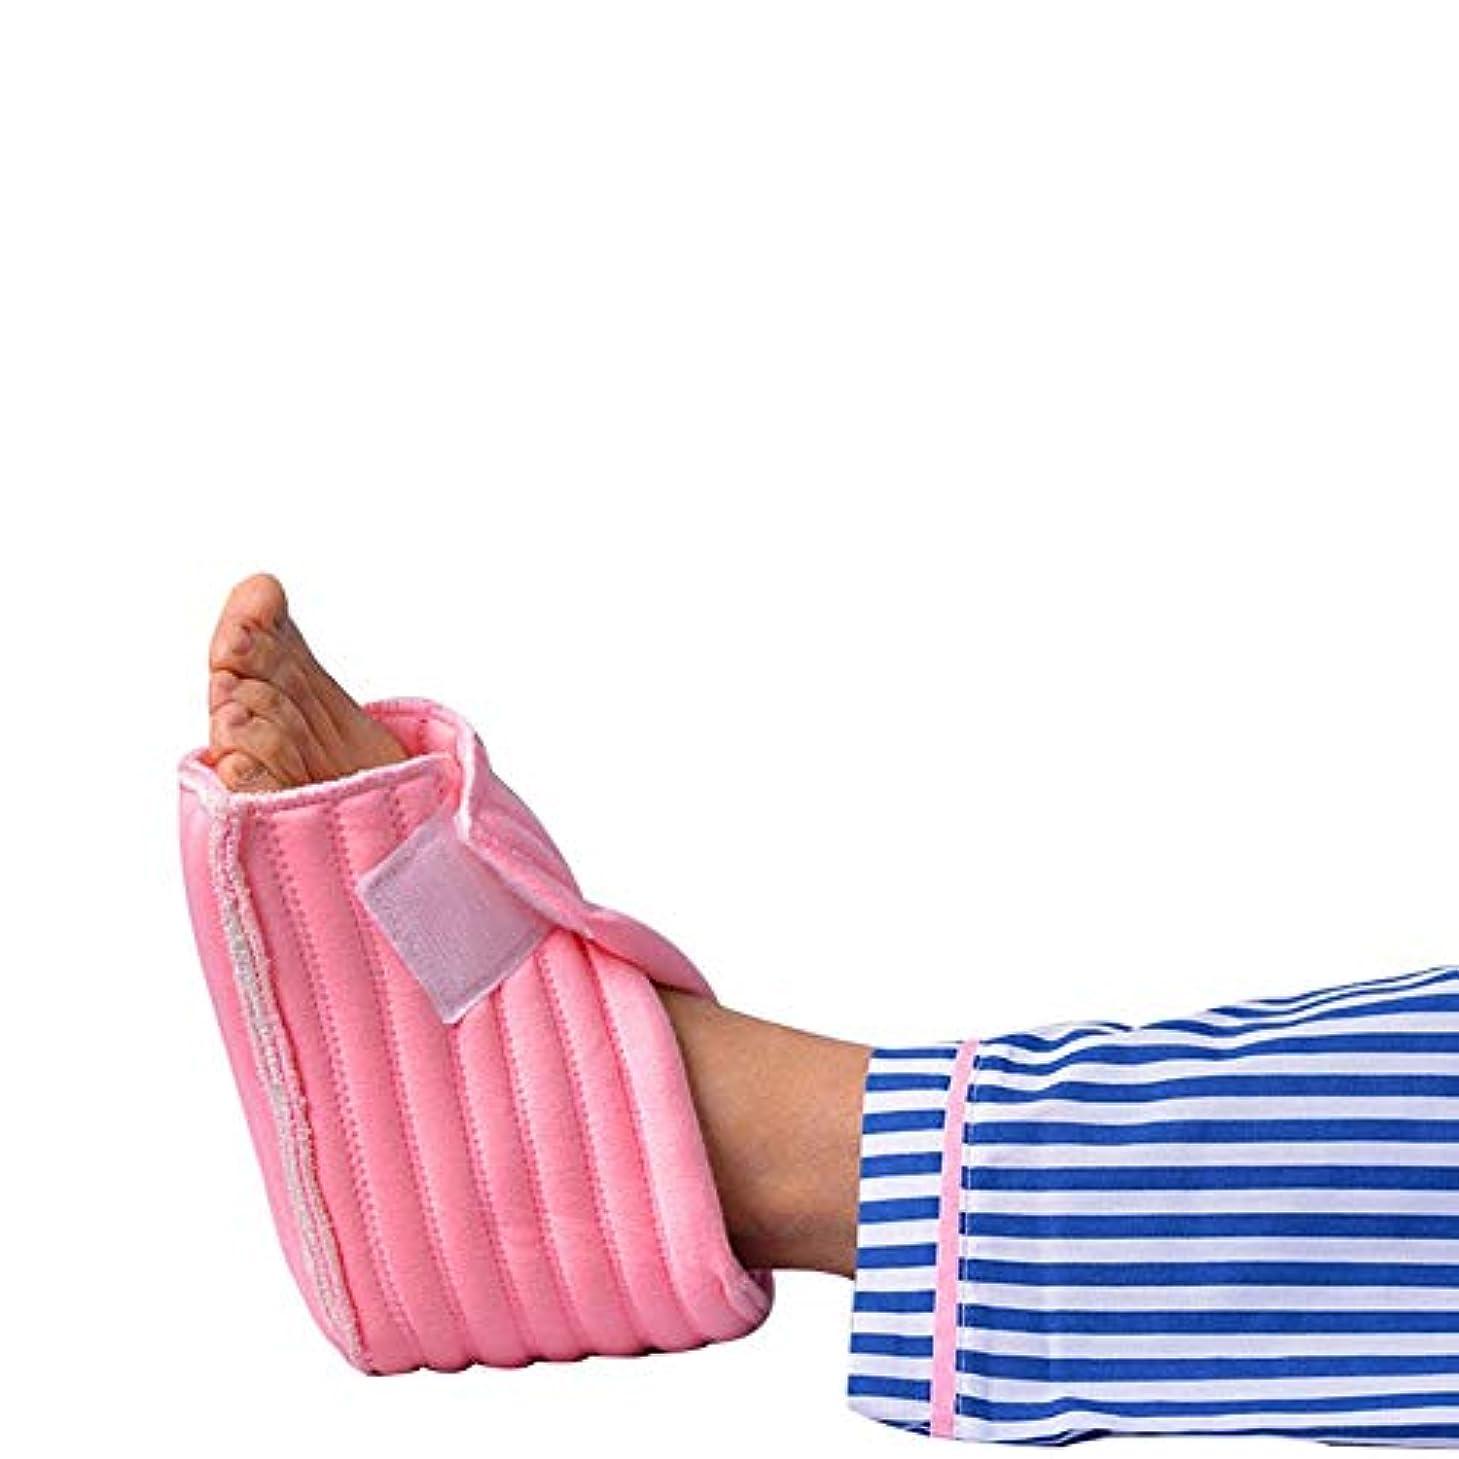 コロニアルかけがえのない微生物ヒールクッションプロテクター、一対の足枕かかと褥瘡をパッド通気性水分吸上コア